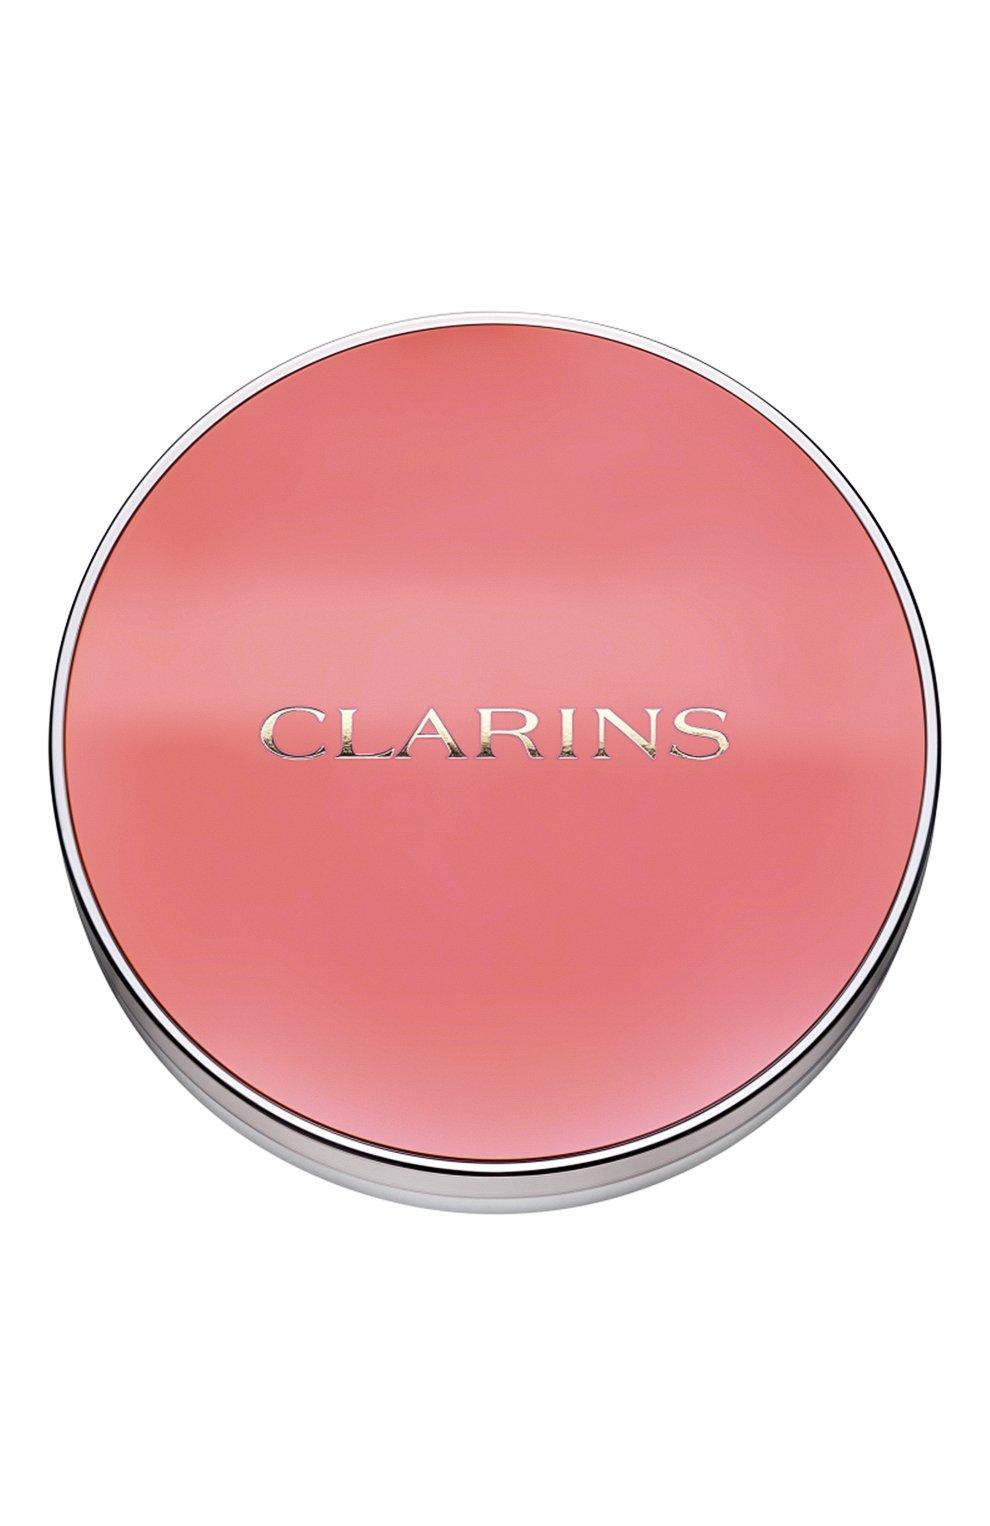 Женские компактные румяна joli blush, оттенок 05 CLARINS бесцветного цвета, арт. 80051349   Фото 3